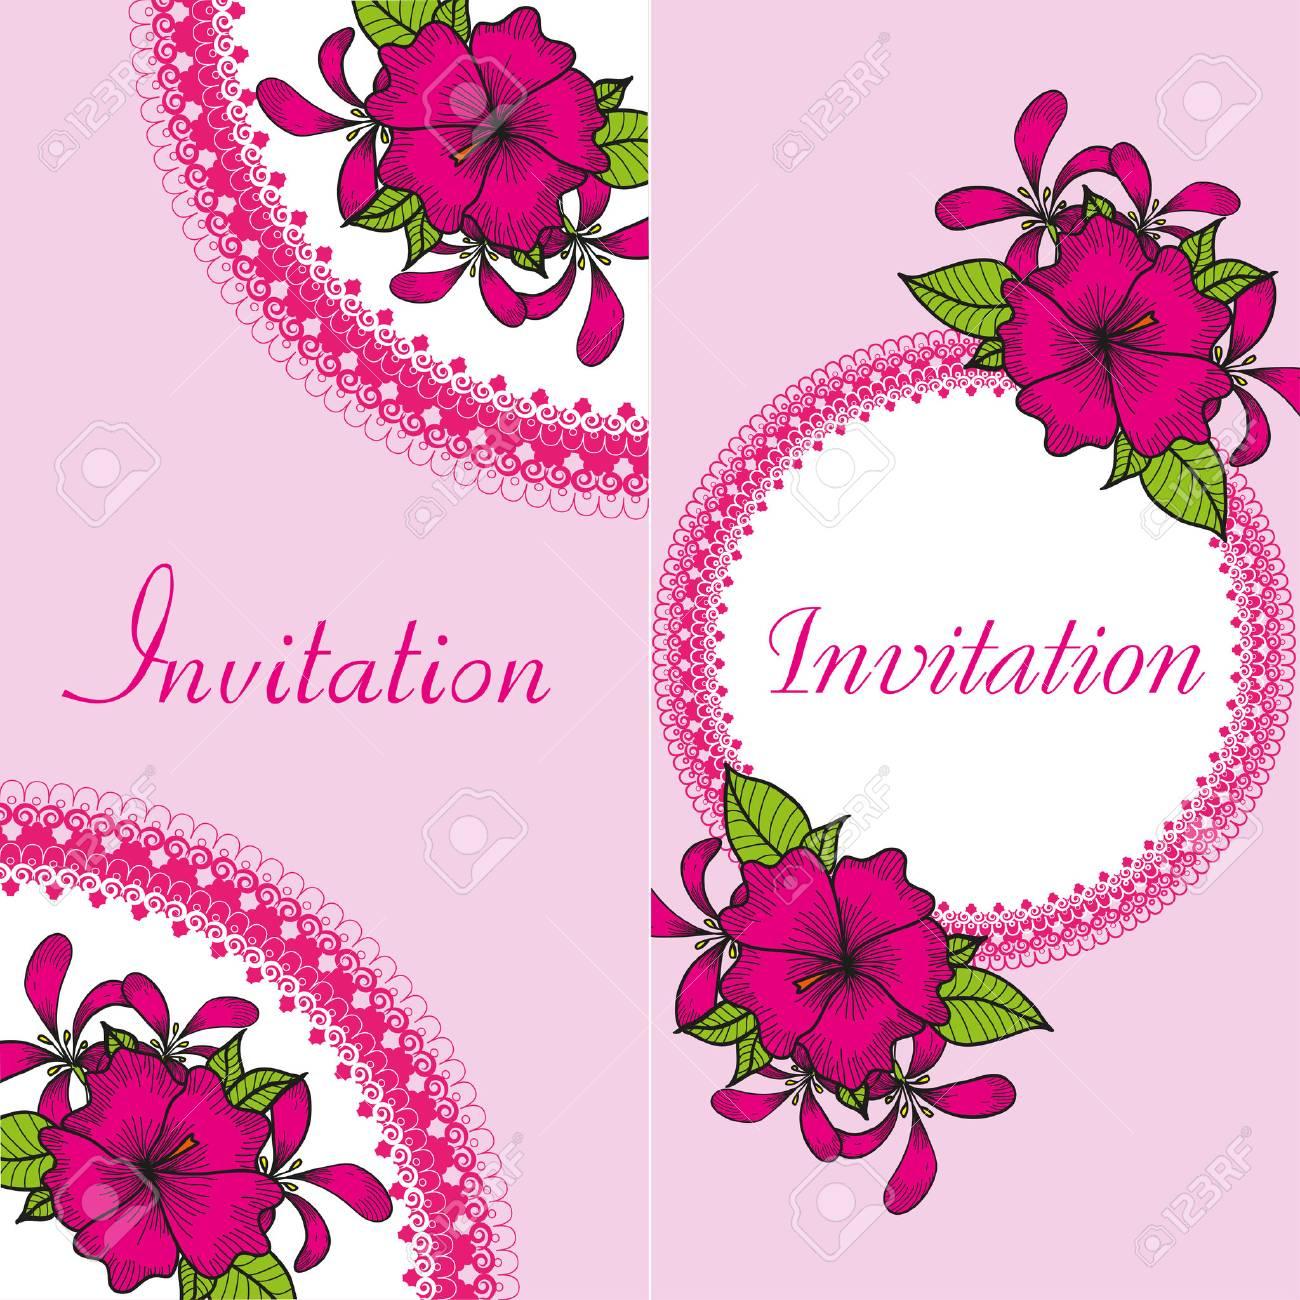 Tarjeta De Invitación Floral Con Flores Brillantes De Dibujo De